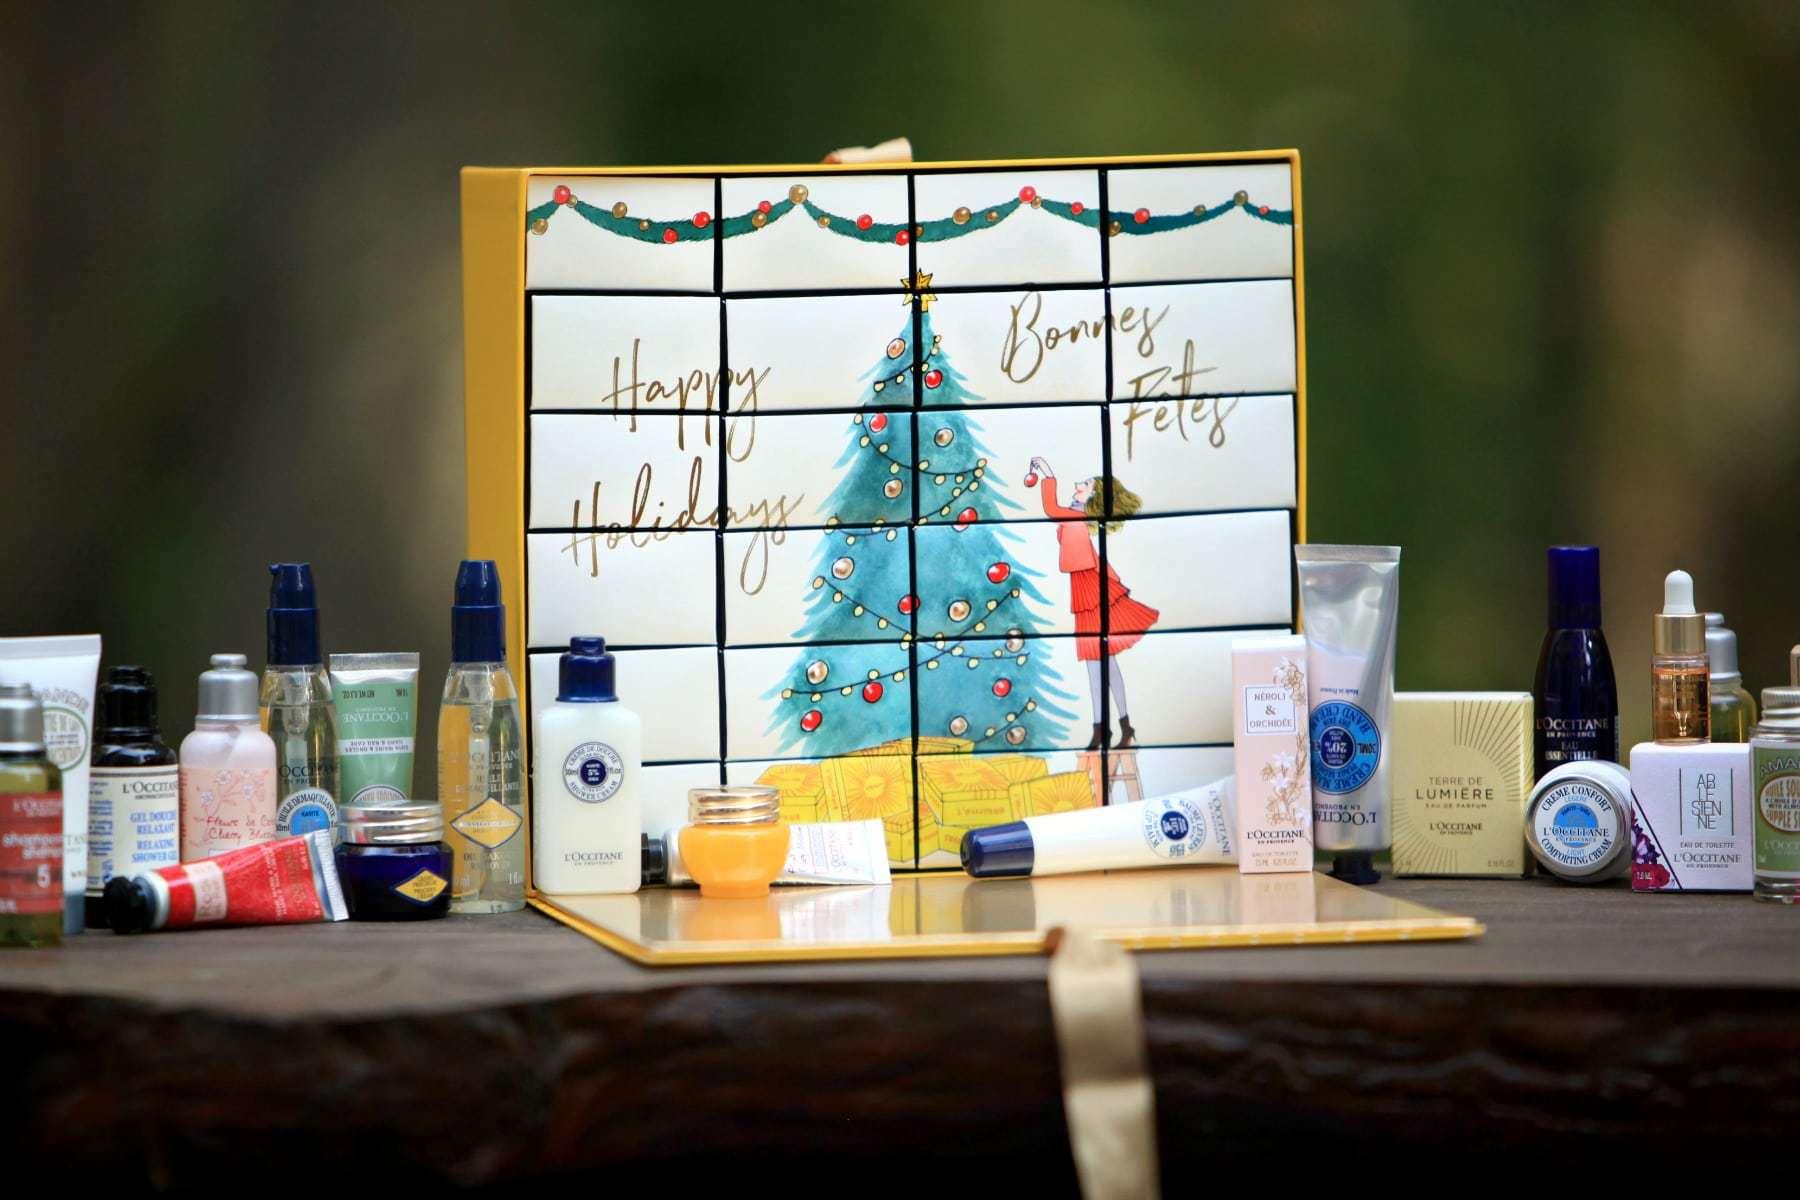 loccitane luxury advent calendar contents